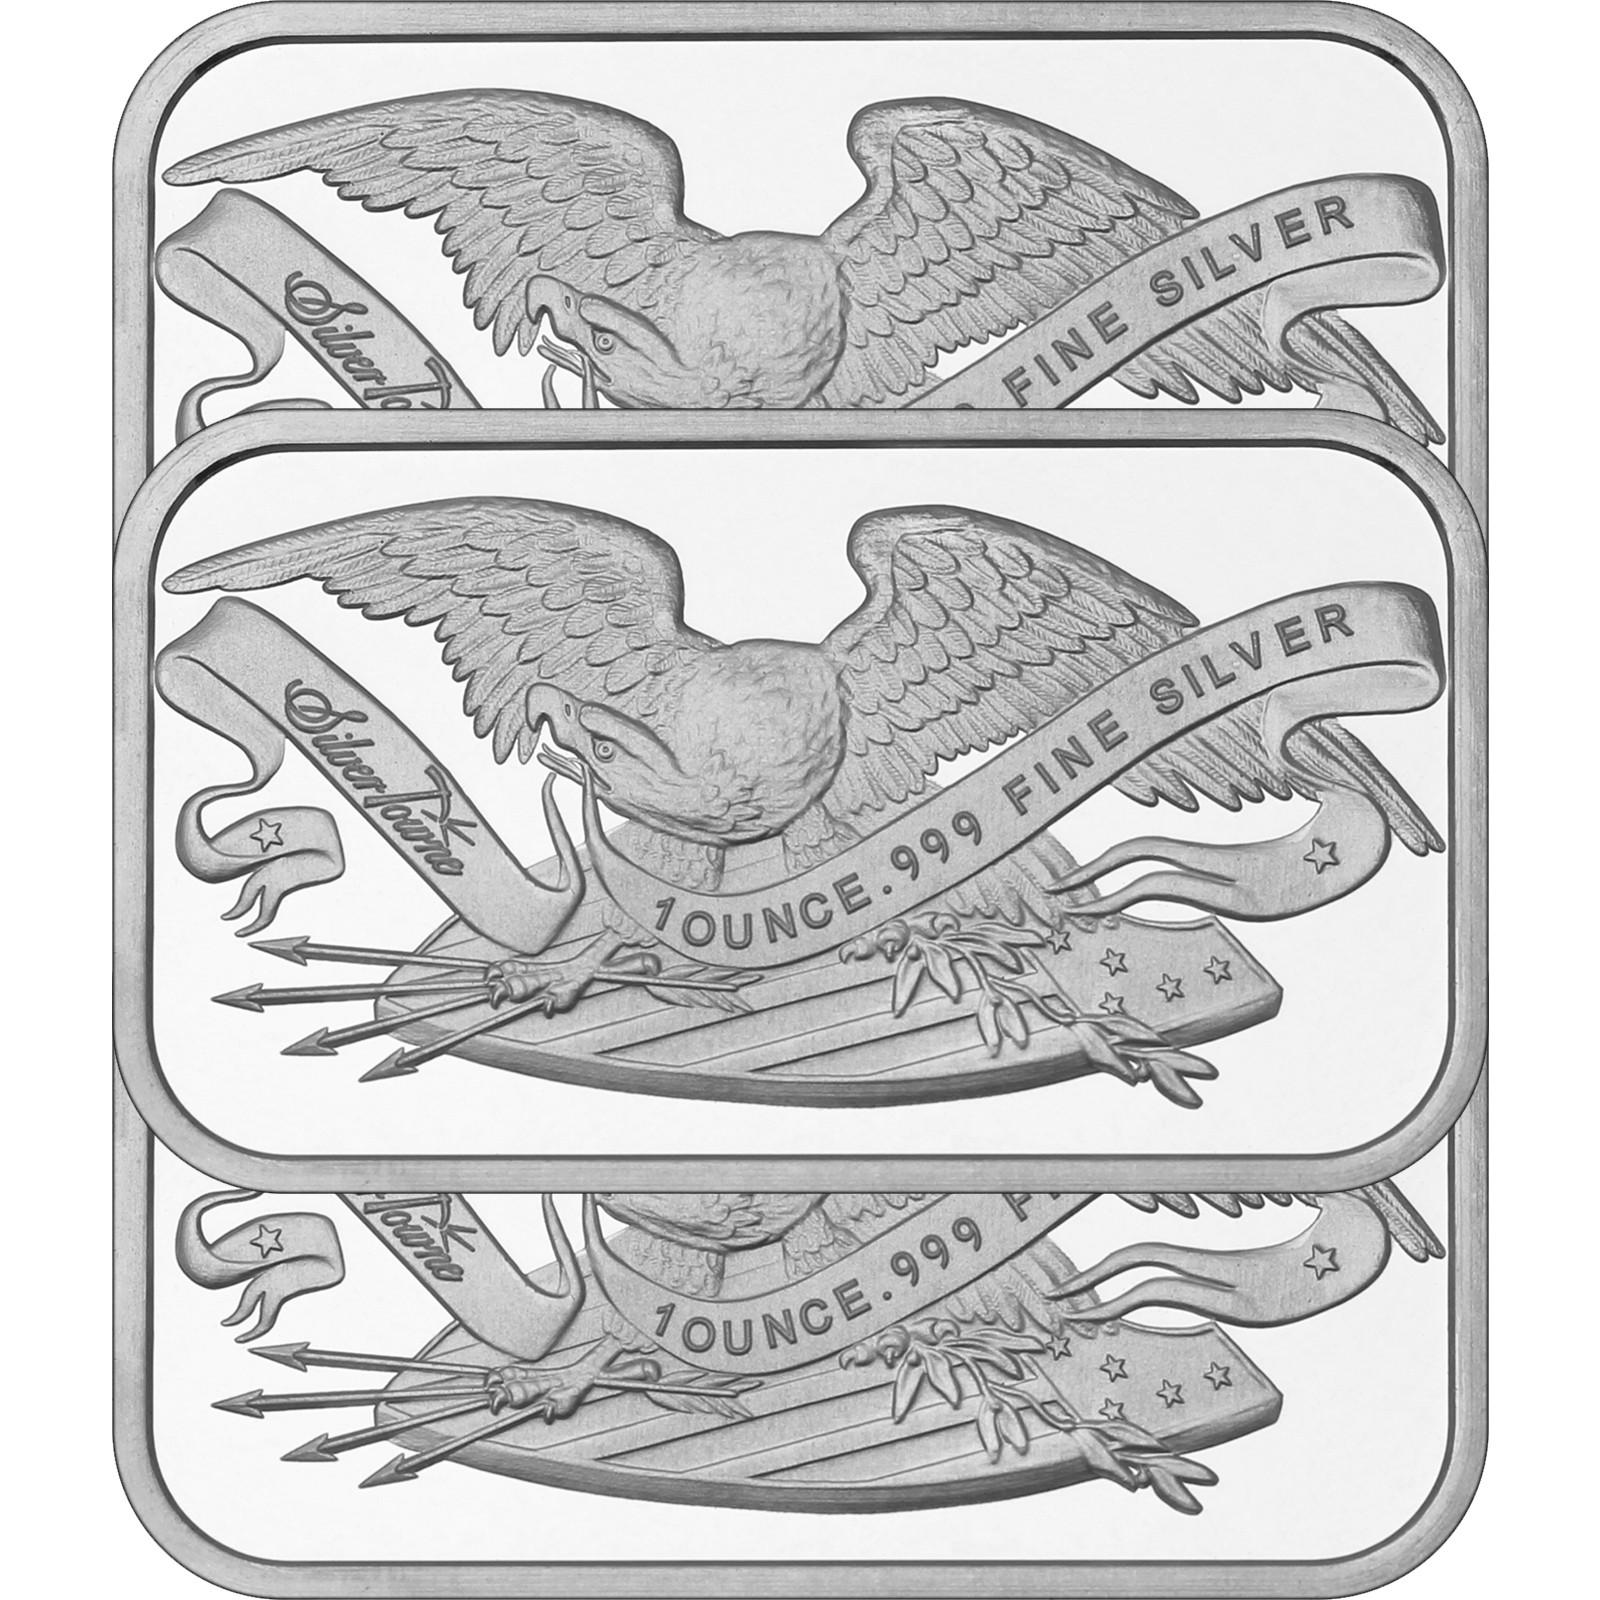 Retro SilverTowne Eagle /& Shield 1oz .999 Fine Silver Bars LOT of 10